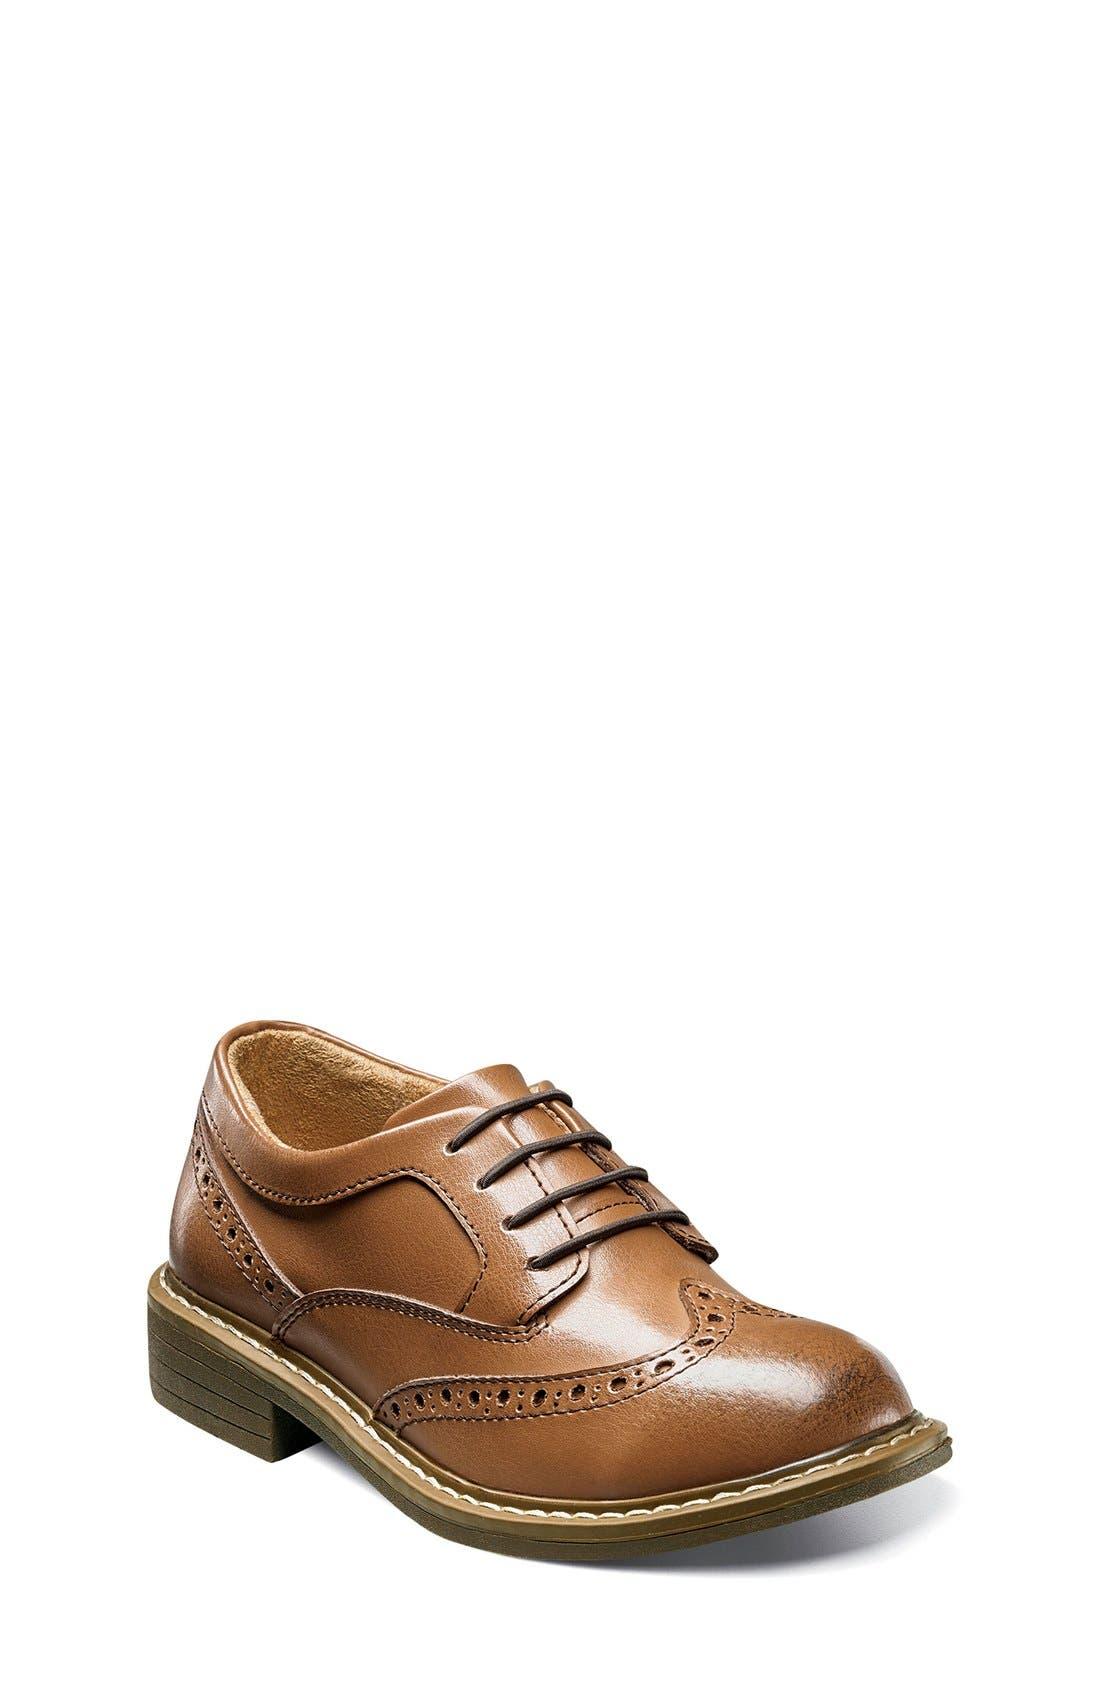 'Studio' Wingtip Oxford,                             Main thumbnail 1, color,                             Cognac Leather